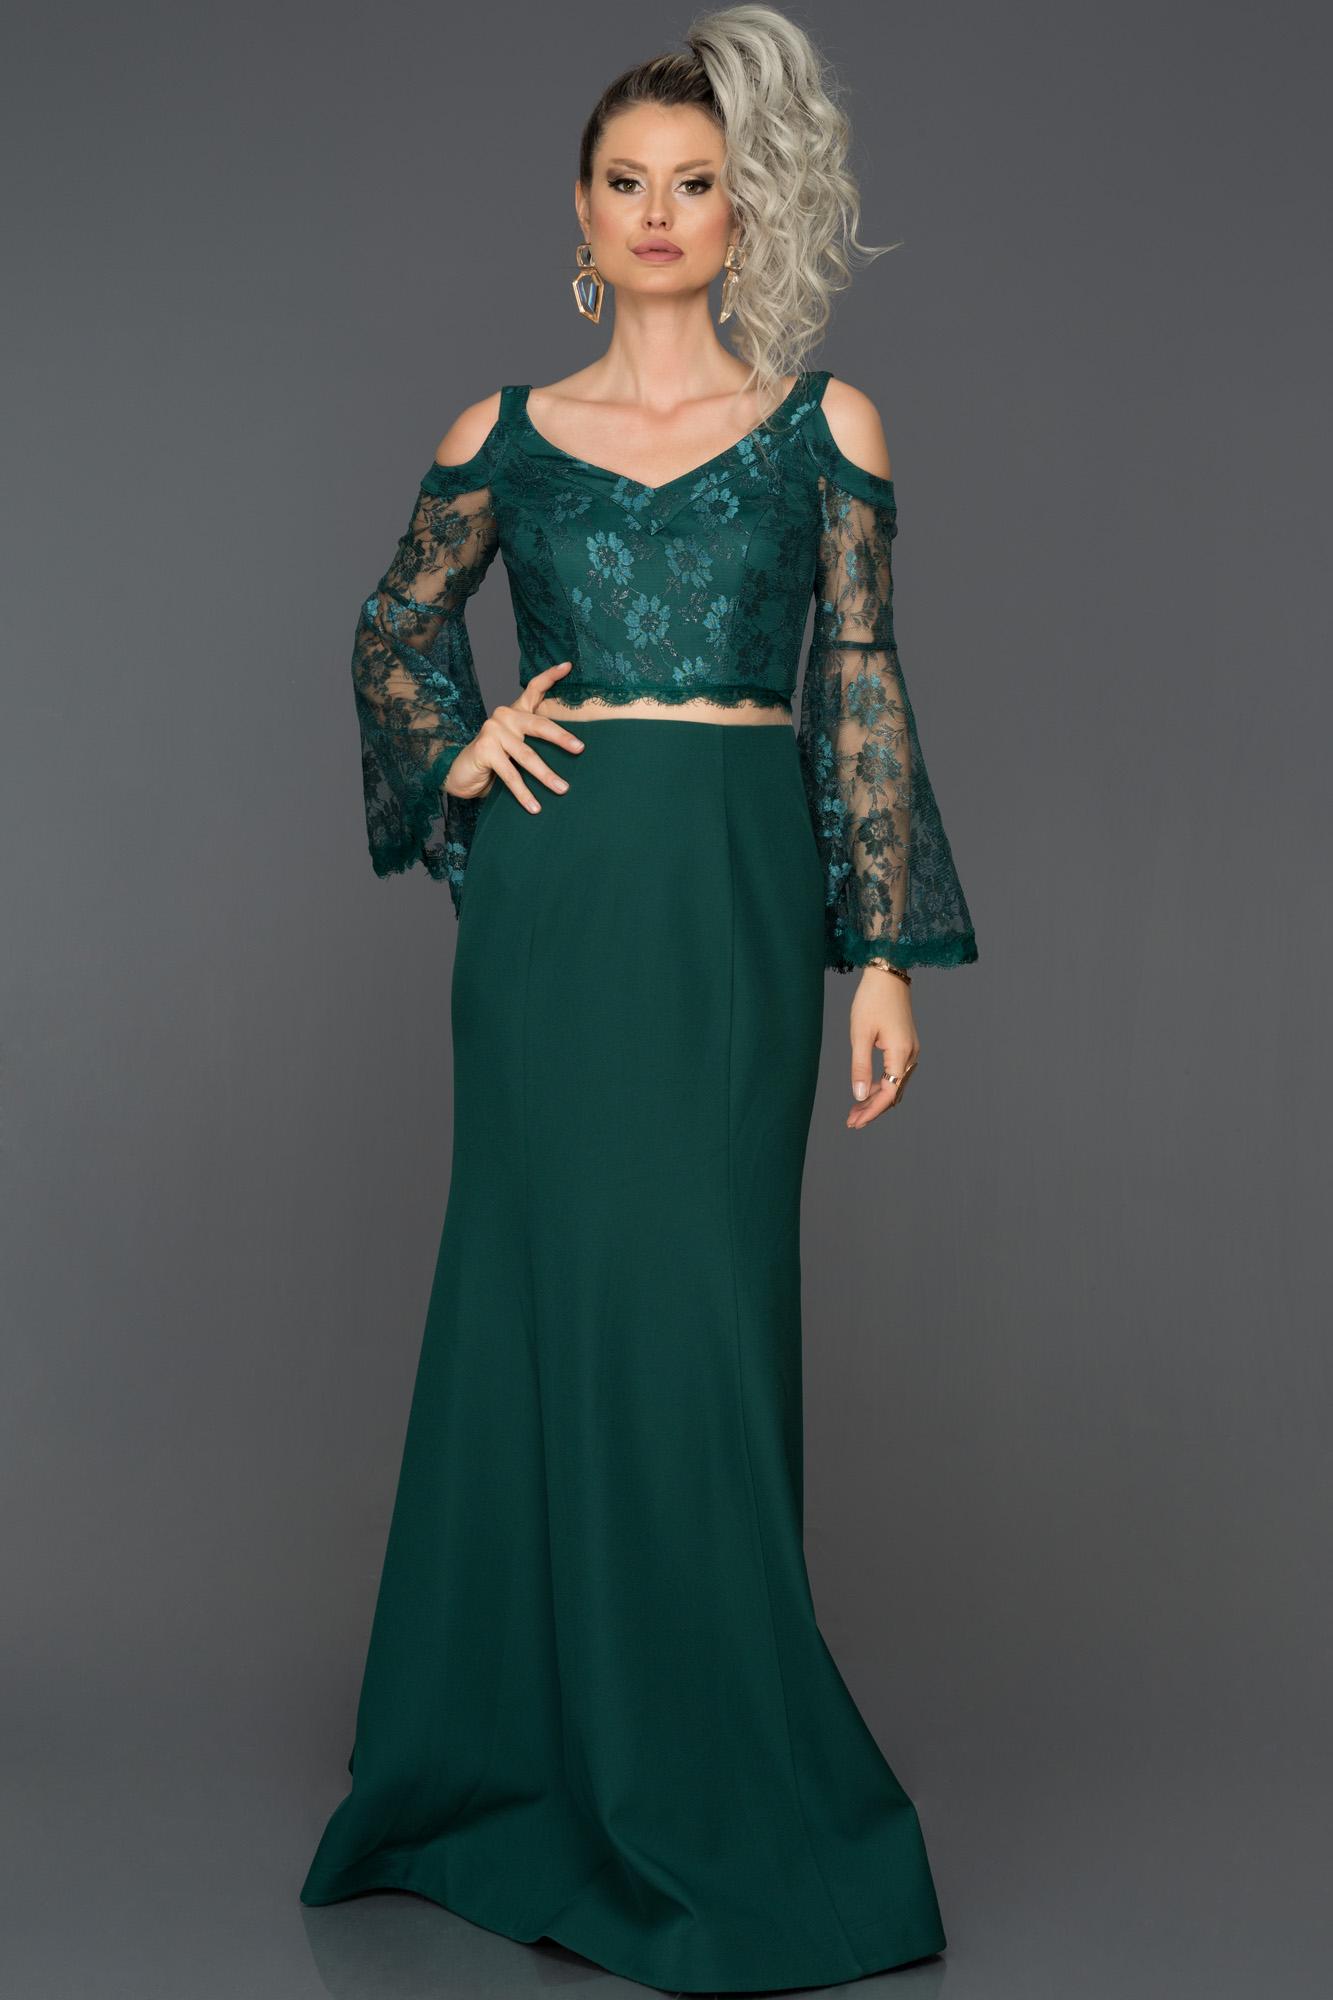 Zümrüt Yeşili Dantel Kollu Abiye Elbise